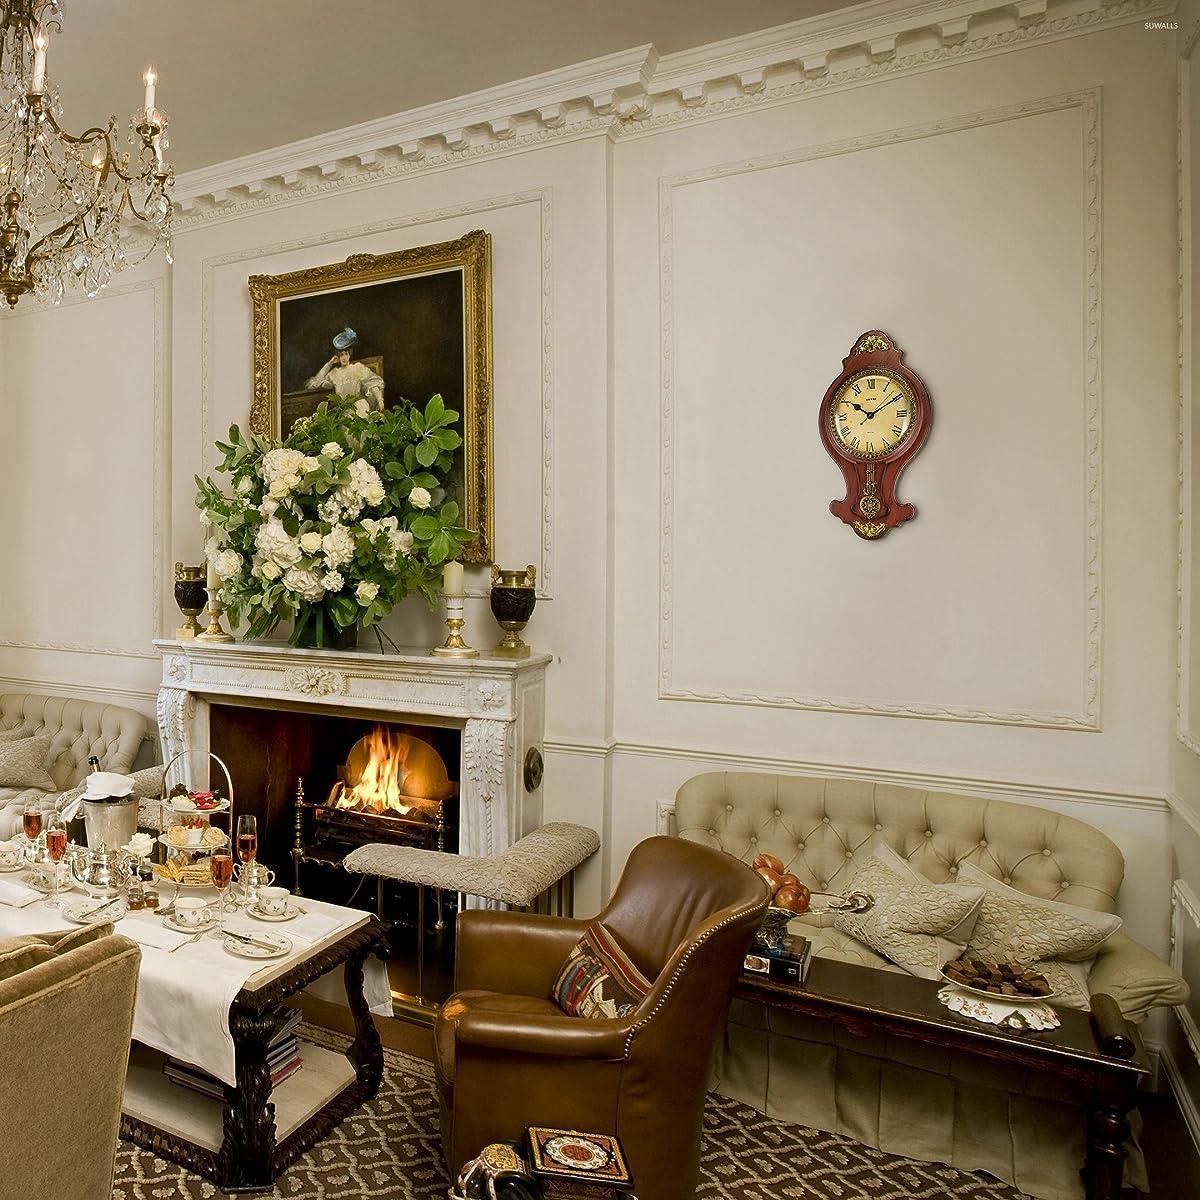 Elegant Wall Swinging Pendulum Clock Faux Wood by Decodyne (DZ-5714)